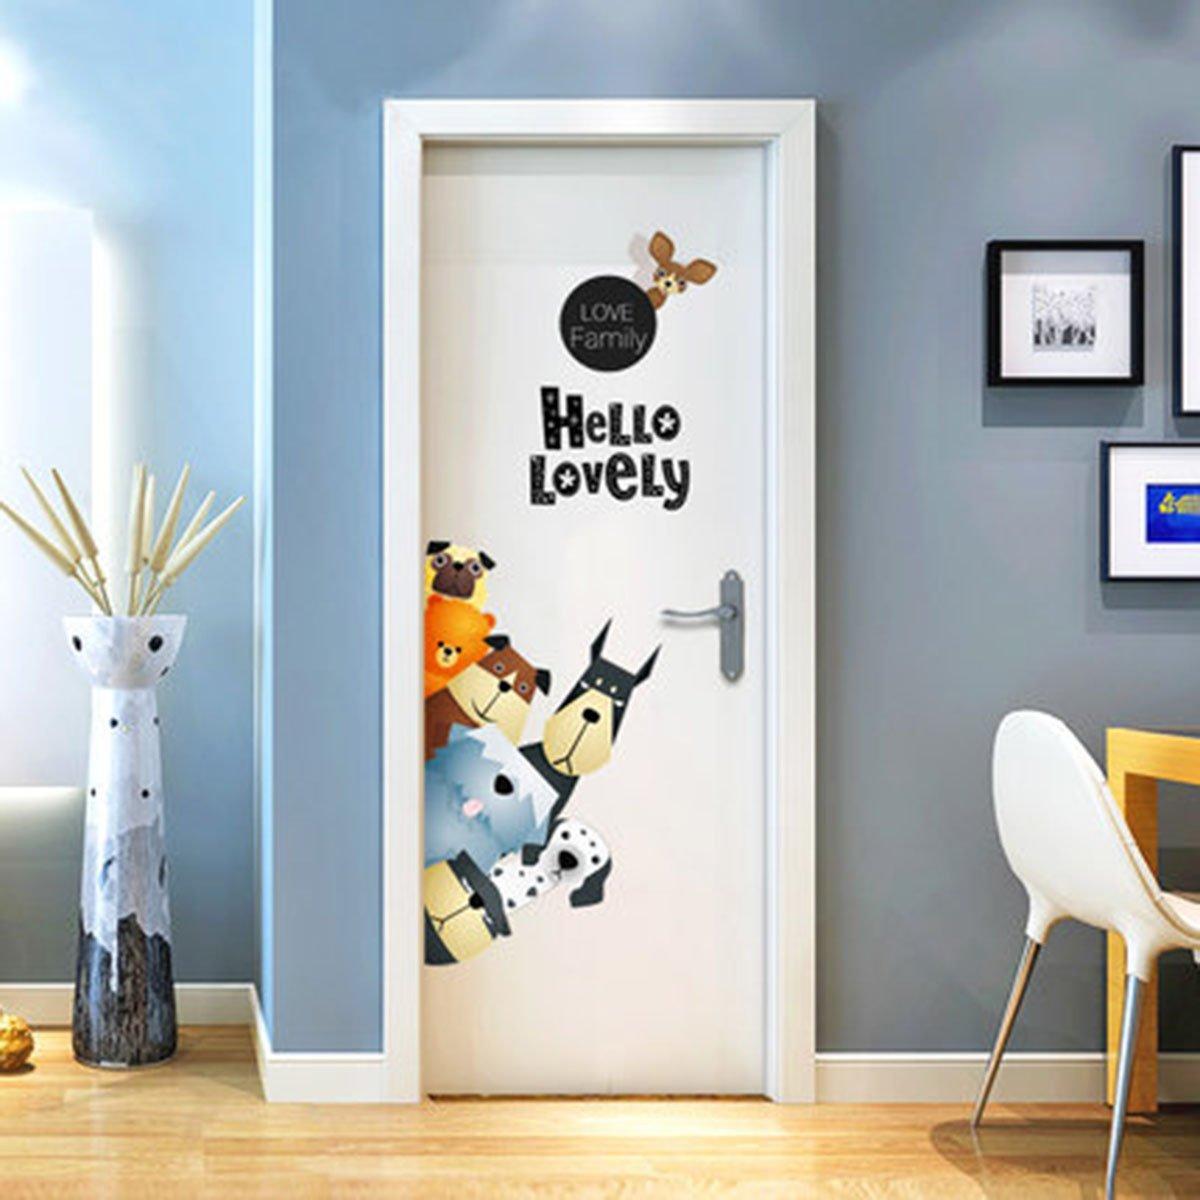 Ikeelife Door Murals Cartoon Animal Decals Door Wall Sticker Cabinet Wallpaper Mural Diy Home Decor Poster Decoration Dogs 68X75Cm/26.8X29.6''